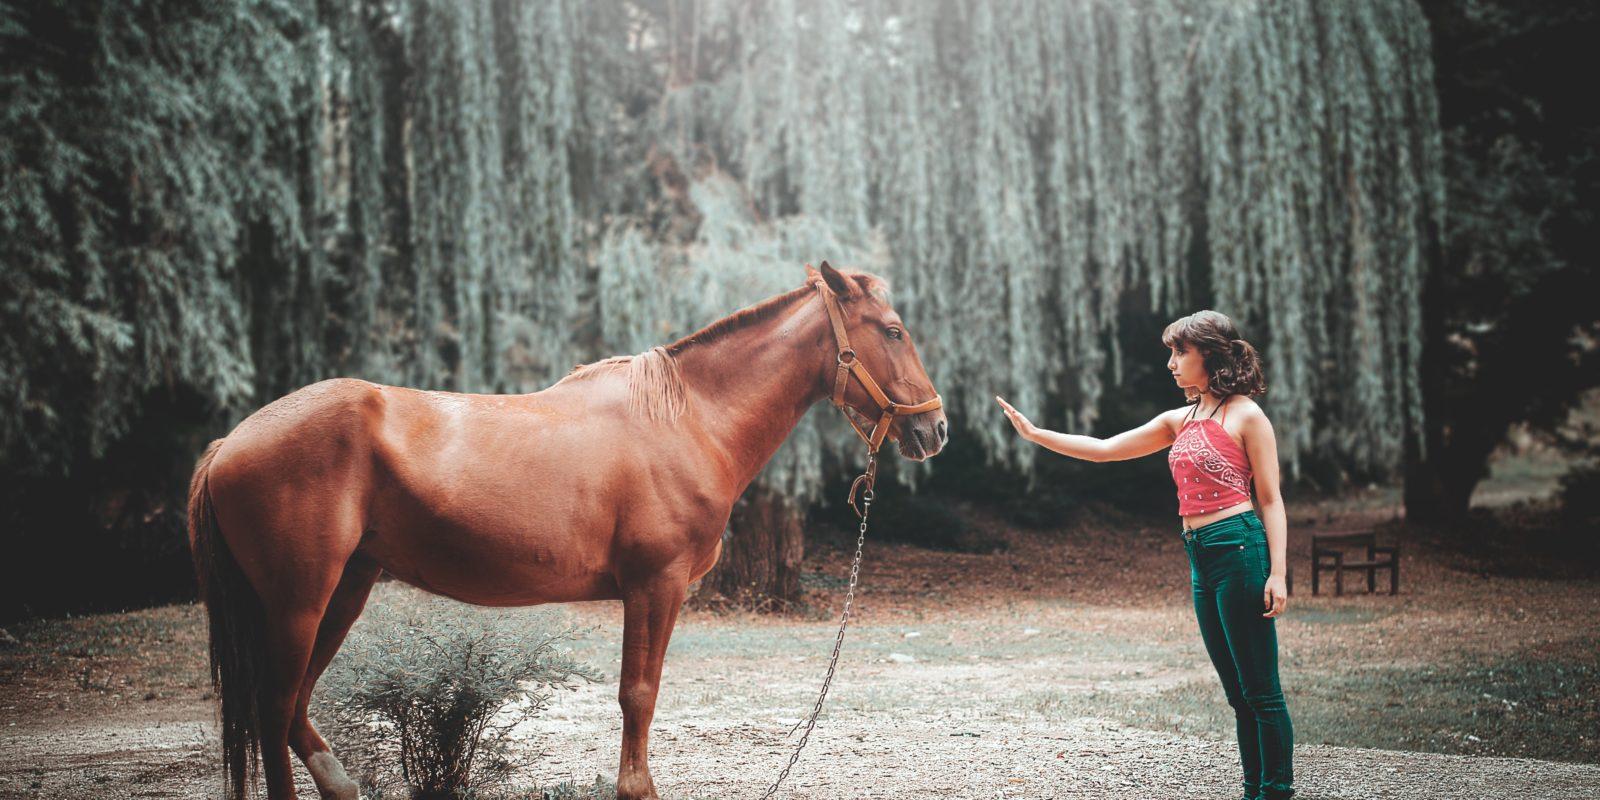 Eine Frau nähert sich langsam einem Pferd